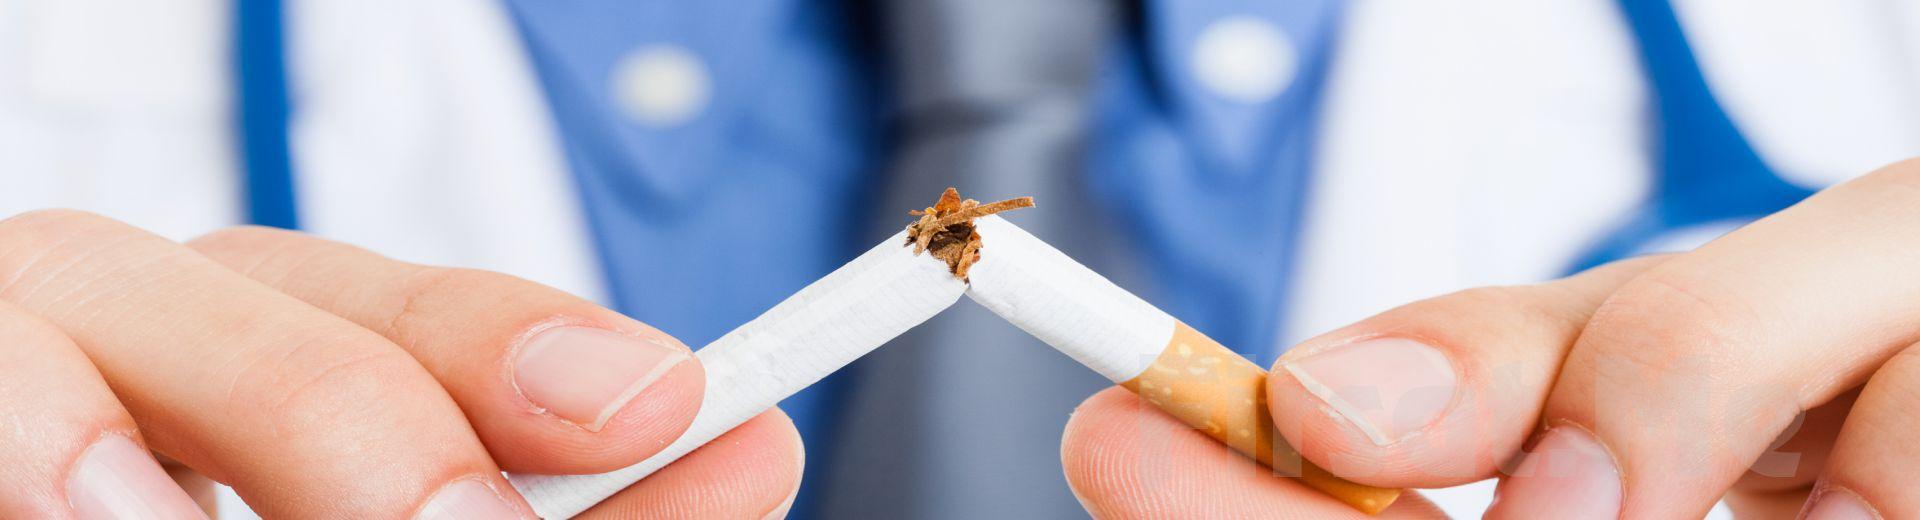 Şişli Teşhis Merkezi'nde Biorezonans Yöntemiyle Tek Seansta Sigara Bırakma Uygulaması